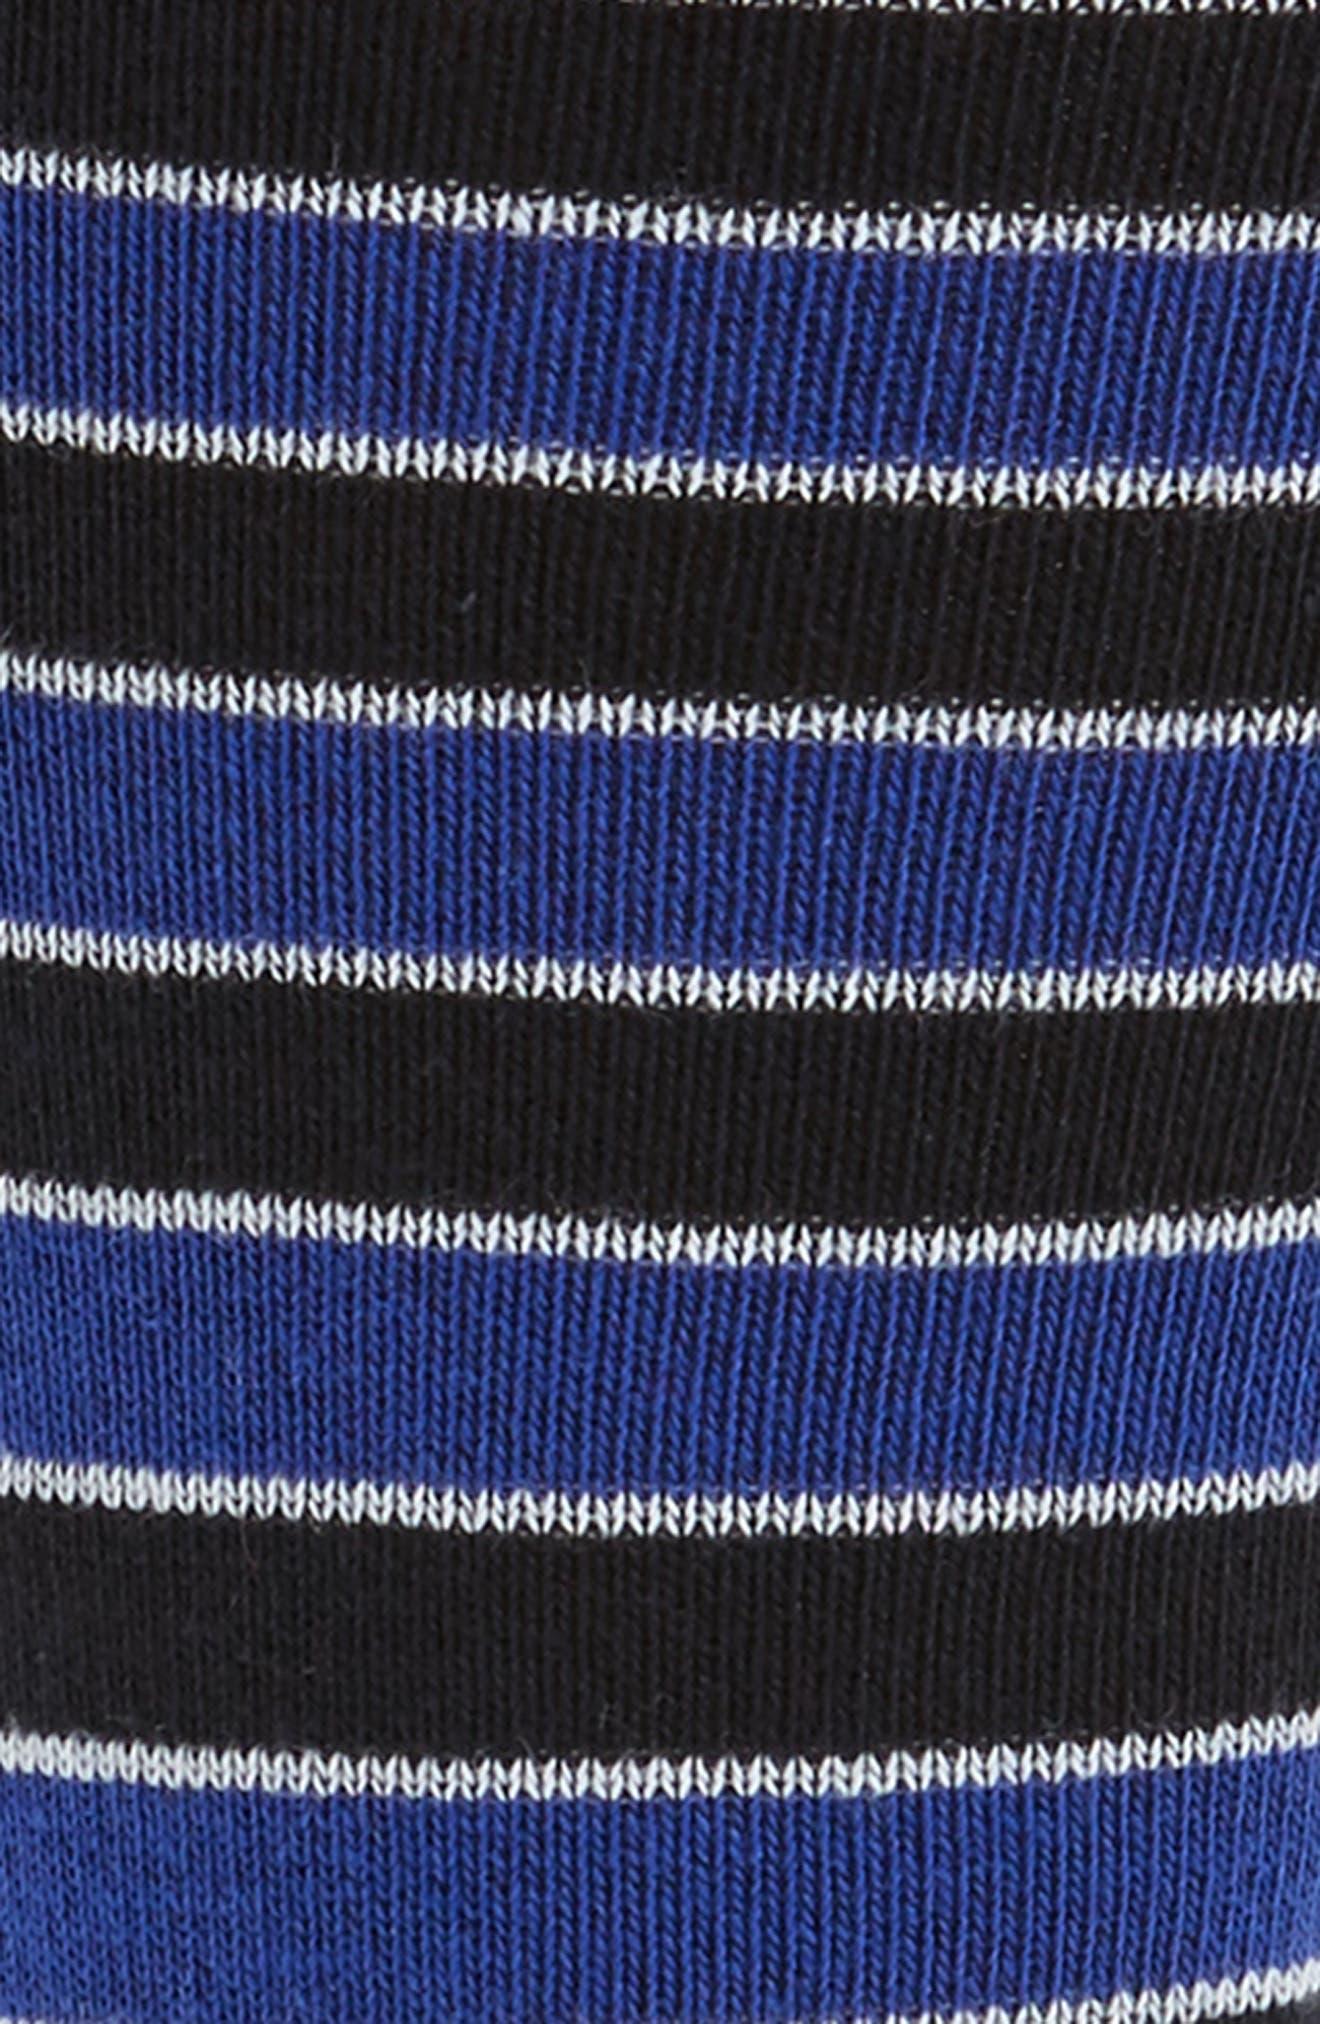 Rousse Stripe Socks,                             Alternate thumbnail 2, color,                             001